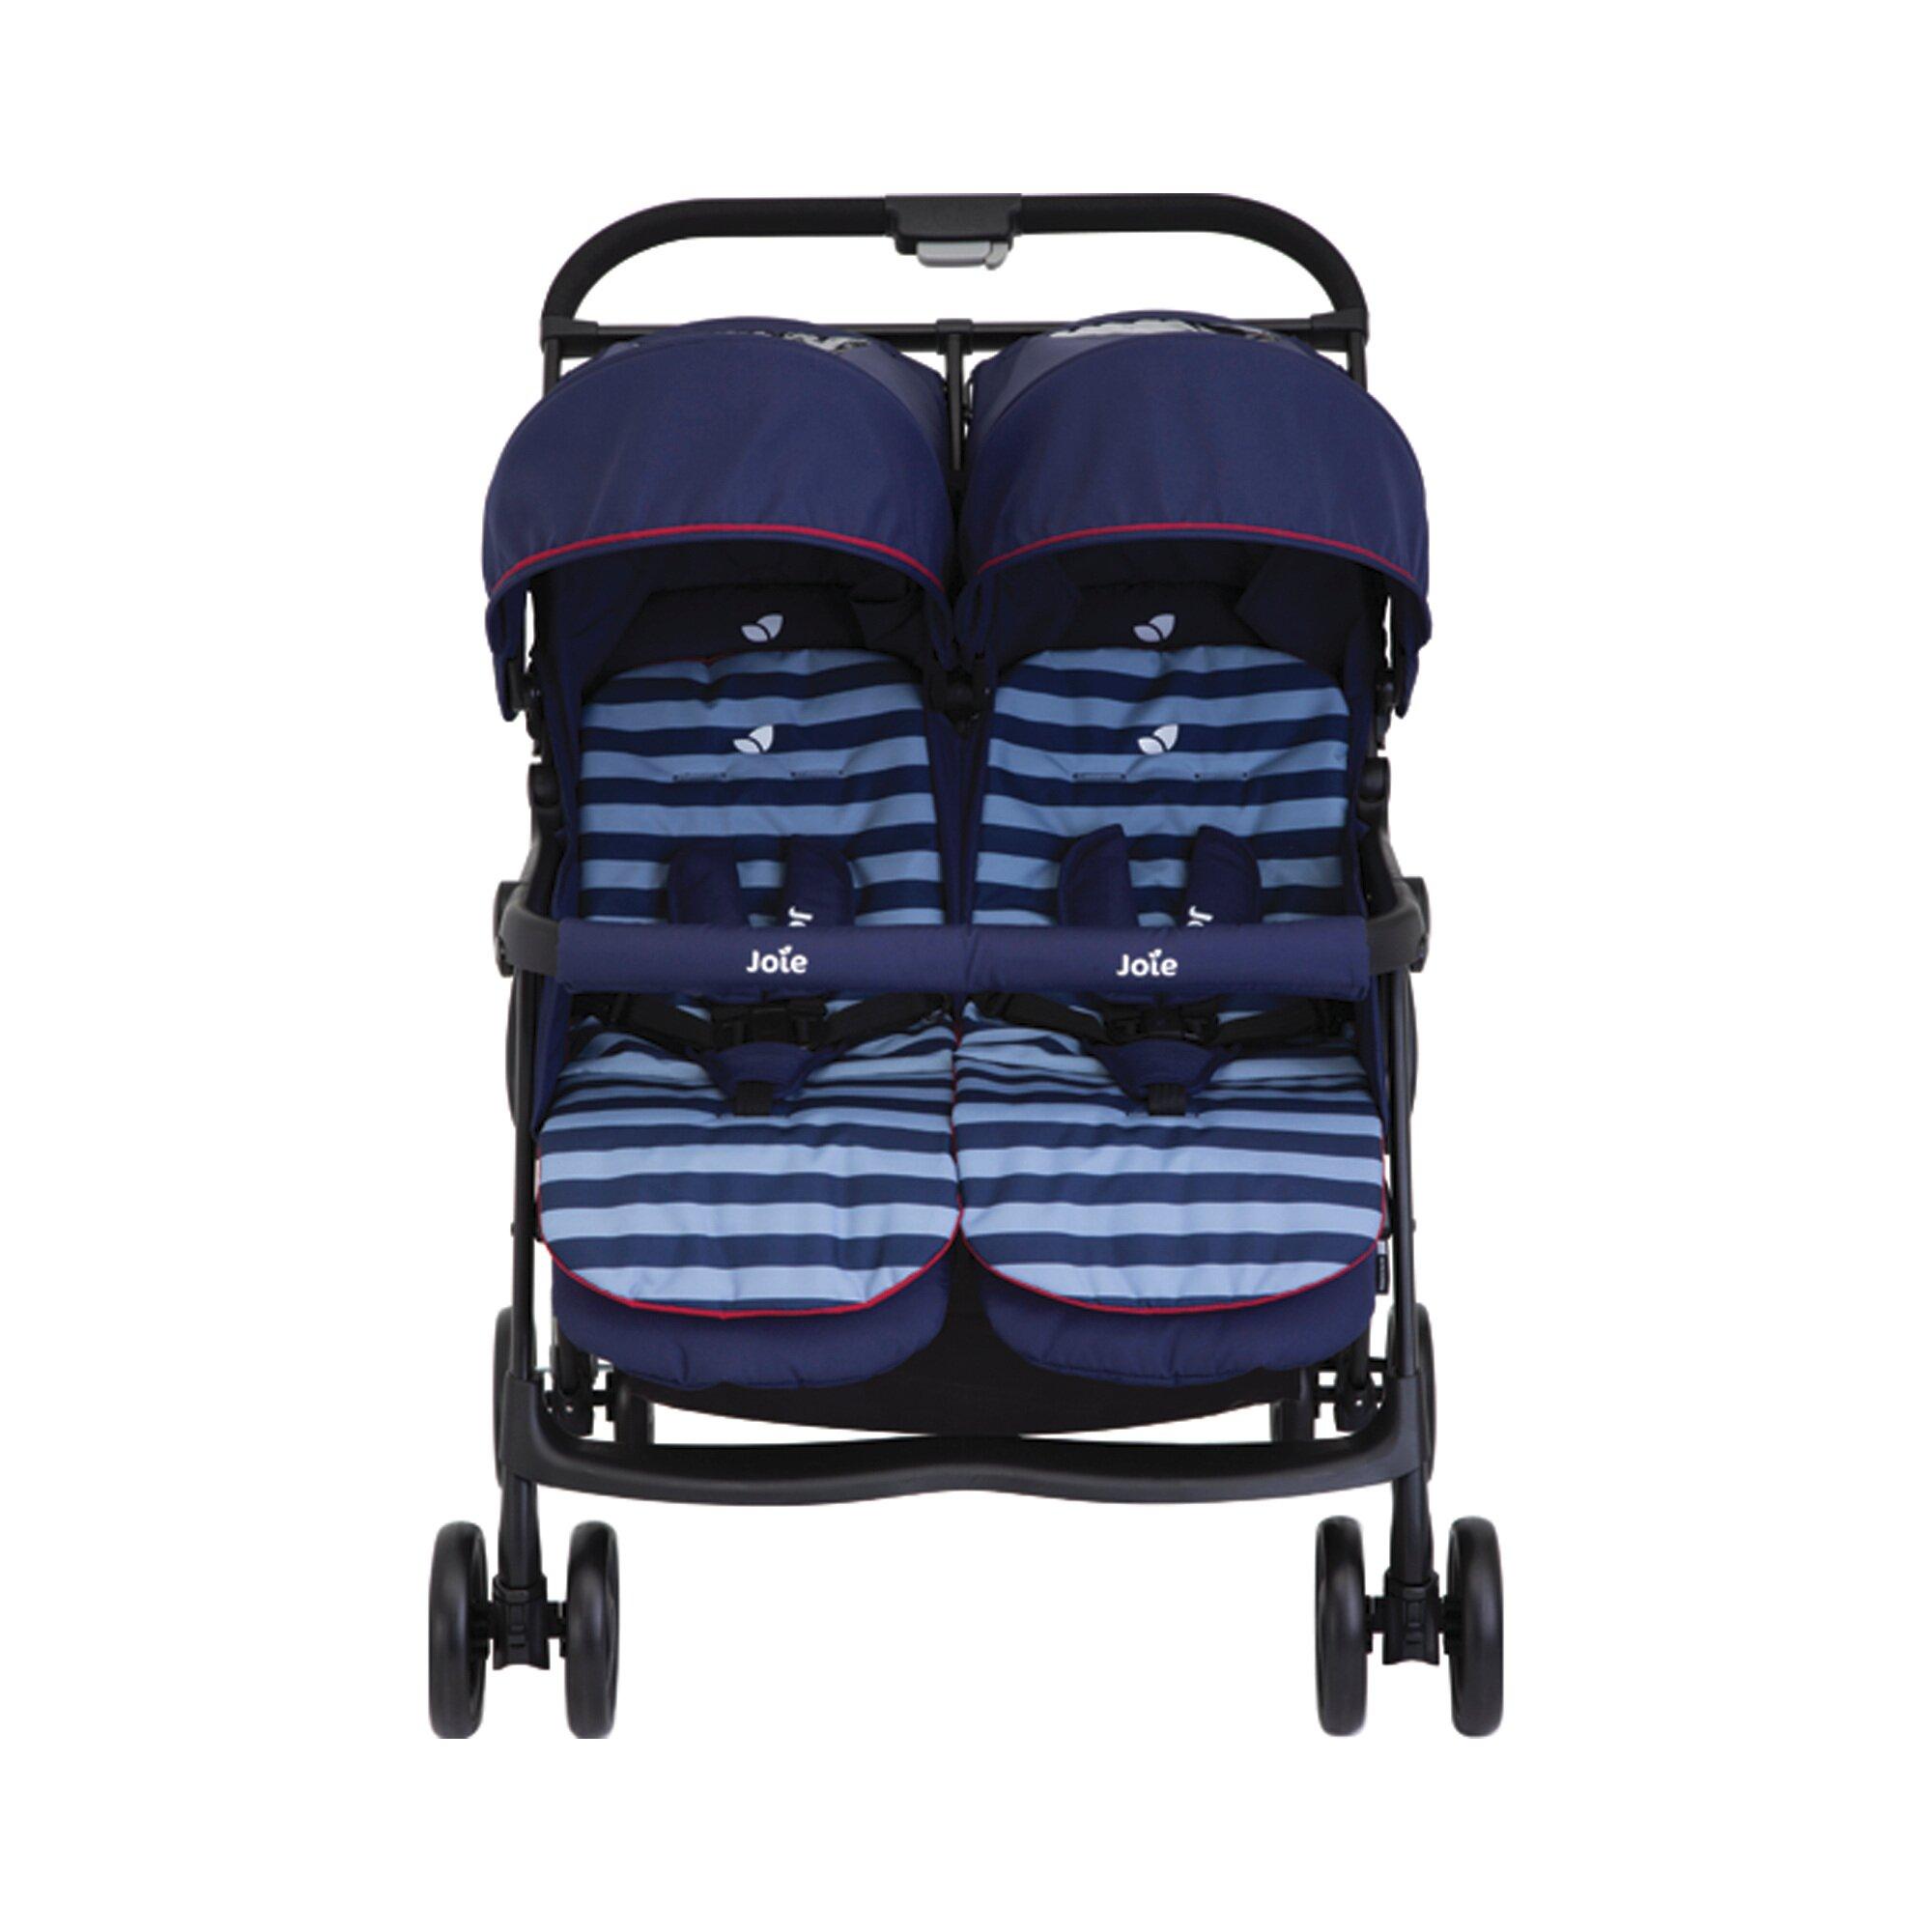 joie-aire-twin-kinderwagen-zwillingswagen-design-2016-blau